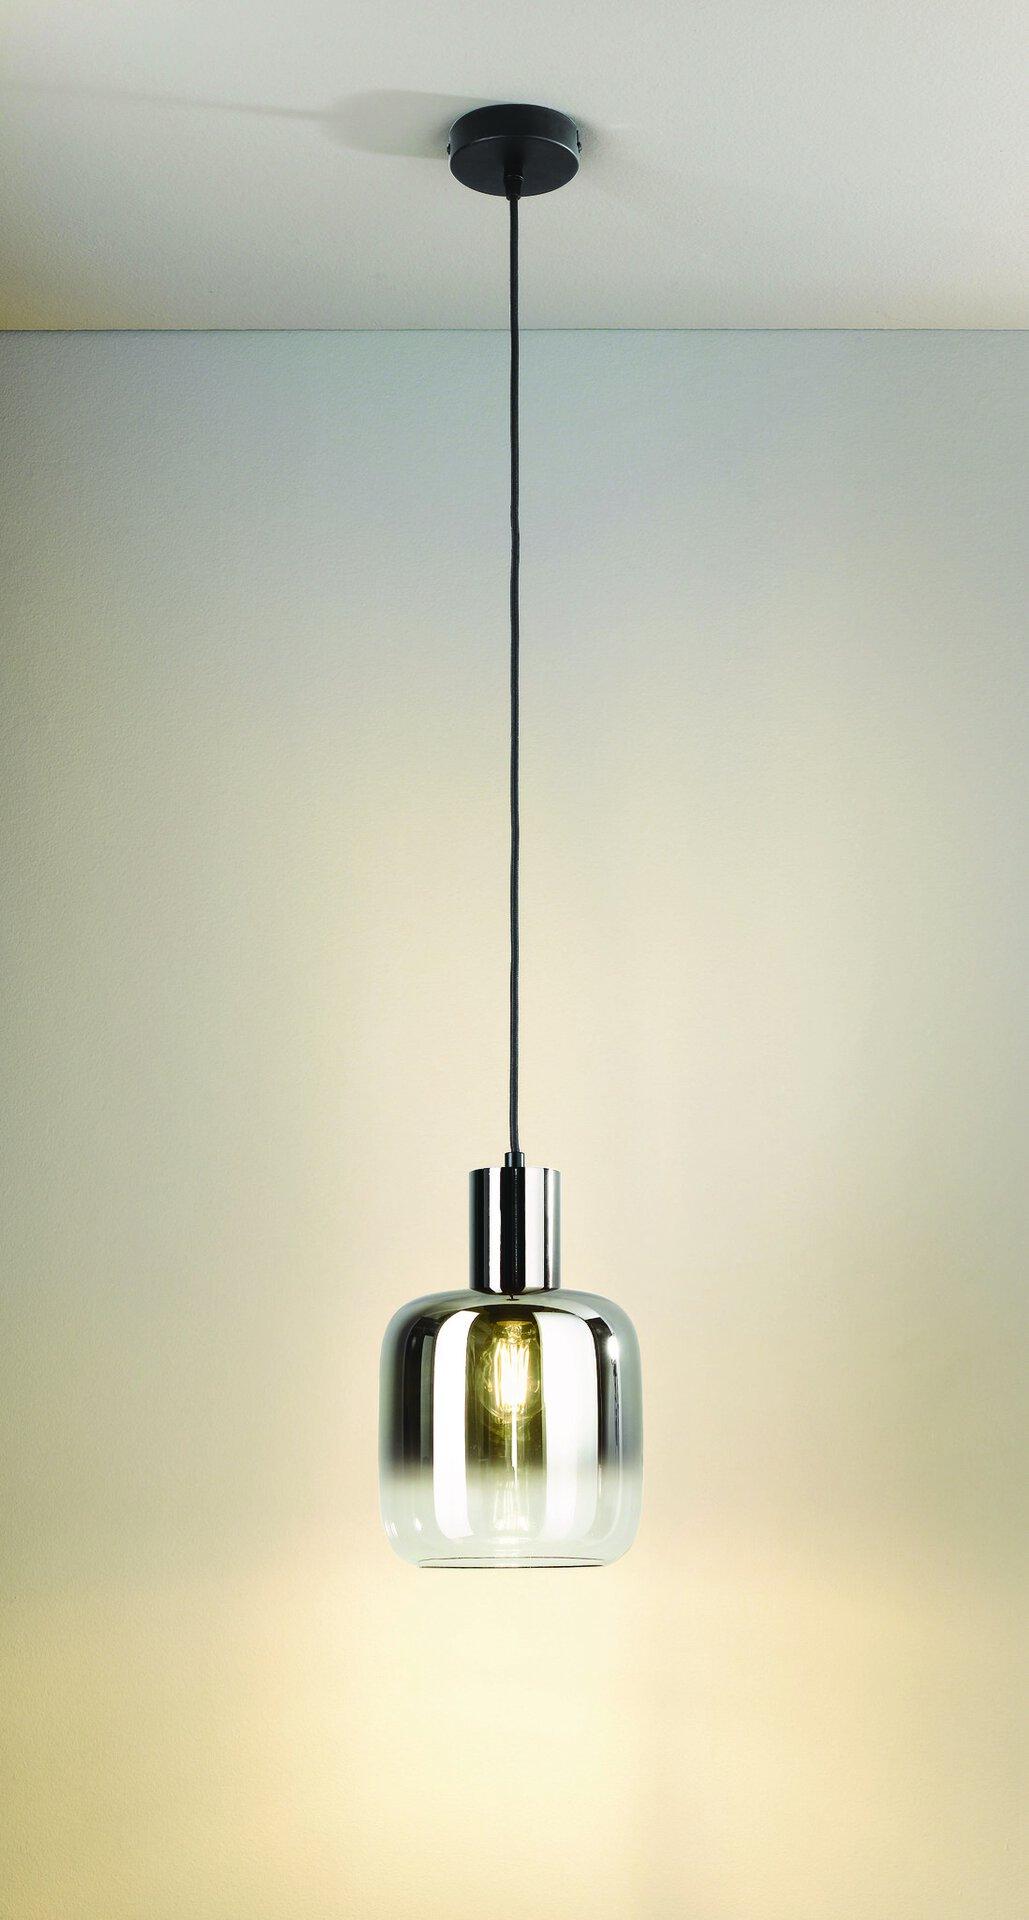 Hängeleuchte Svenja Casa Nova Metall mehrfarbig 21 x 165 x 21 cm